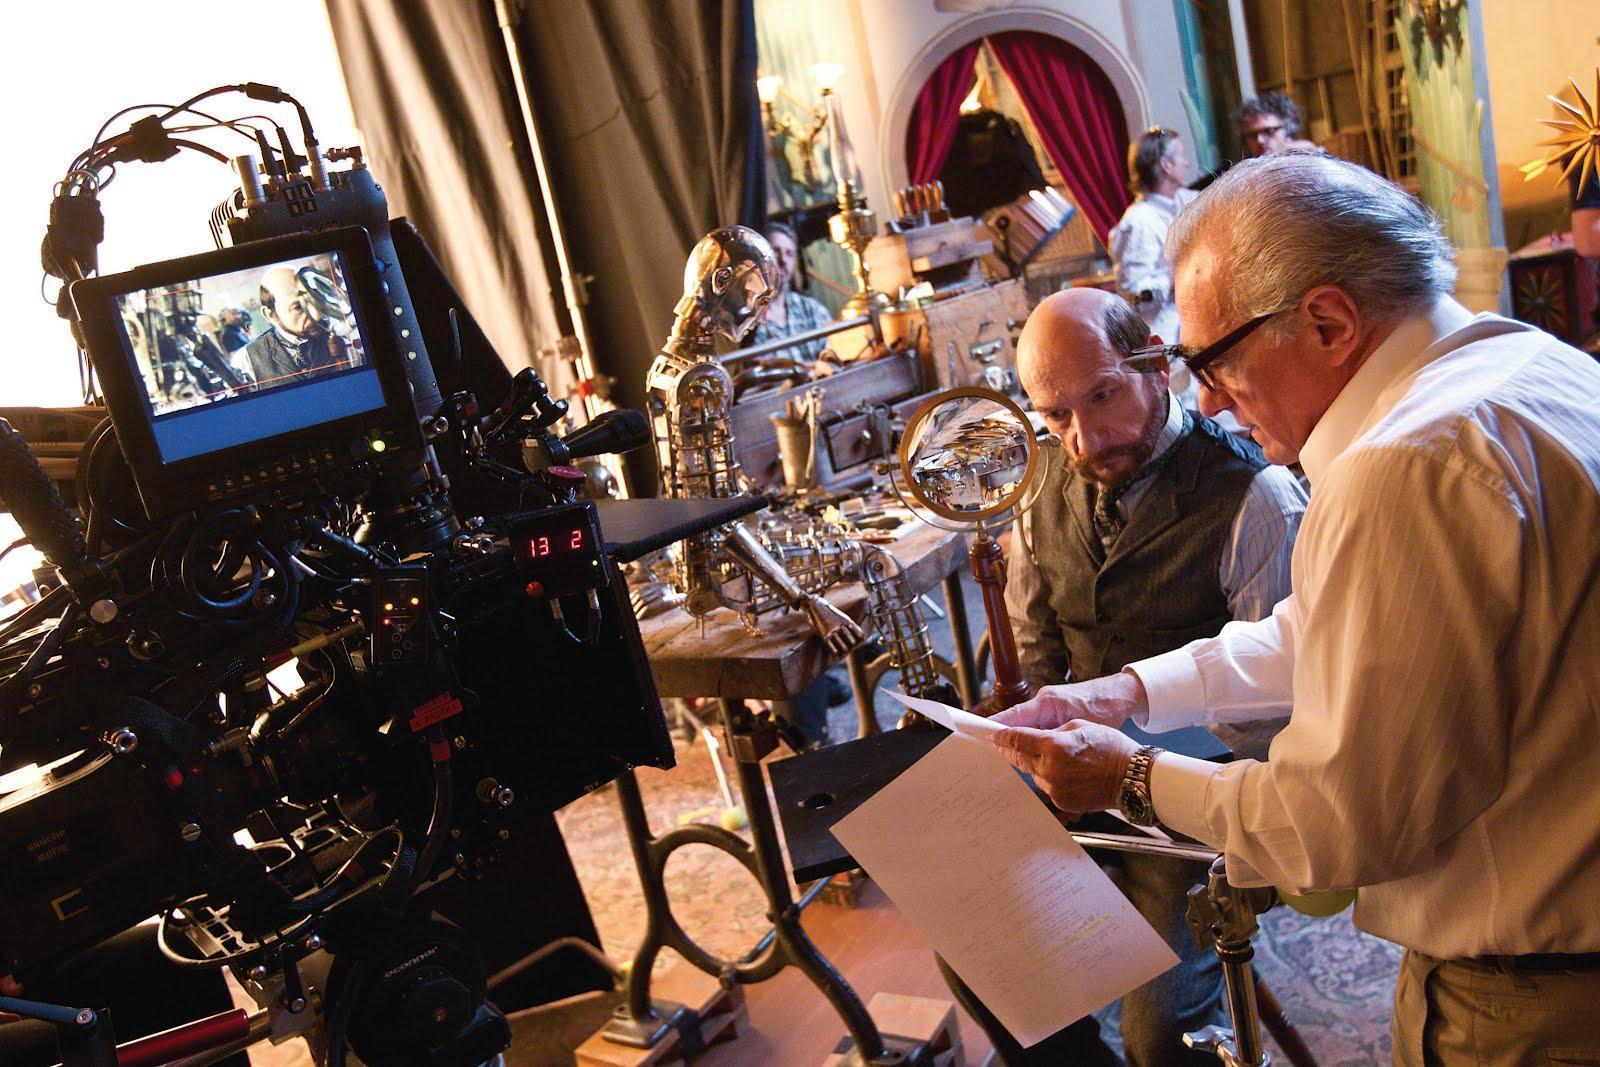 Hugo 2011 Filmaffinity